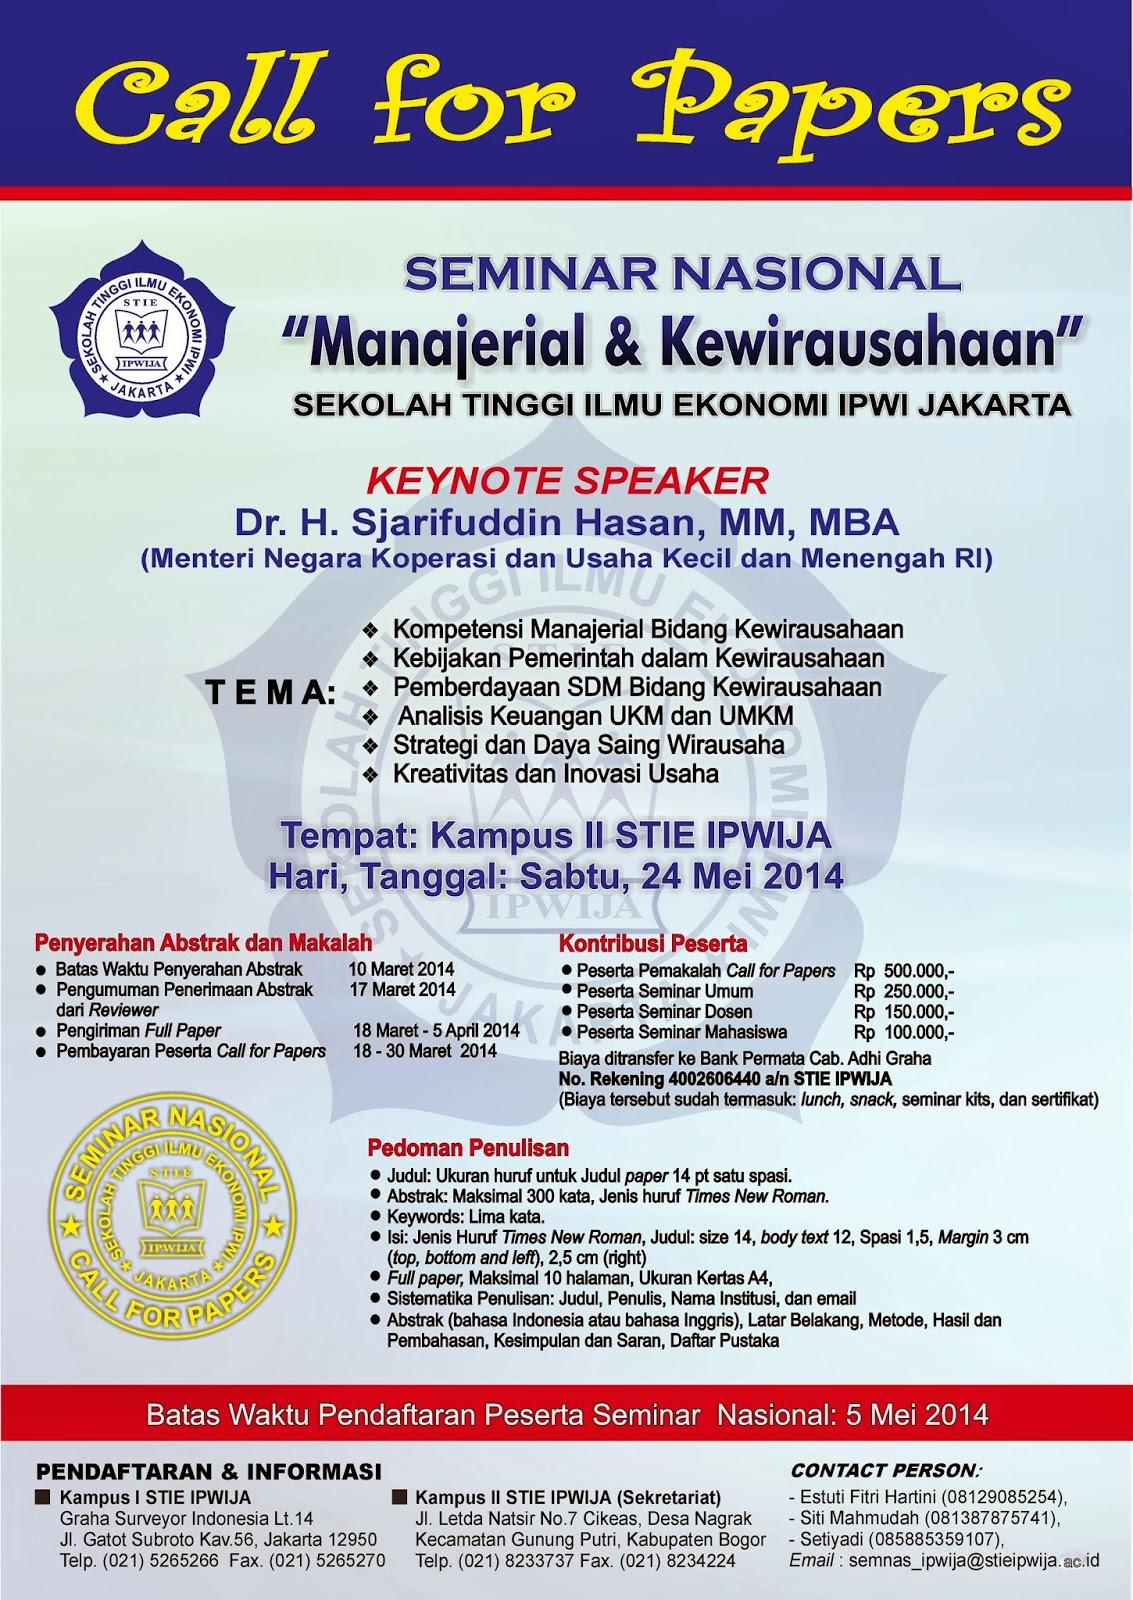 Stie Ipwija Seminar Nasional Quot Manajerial Amp Kewirausahaan Quot